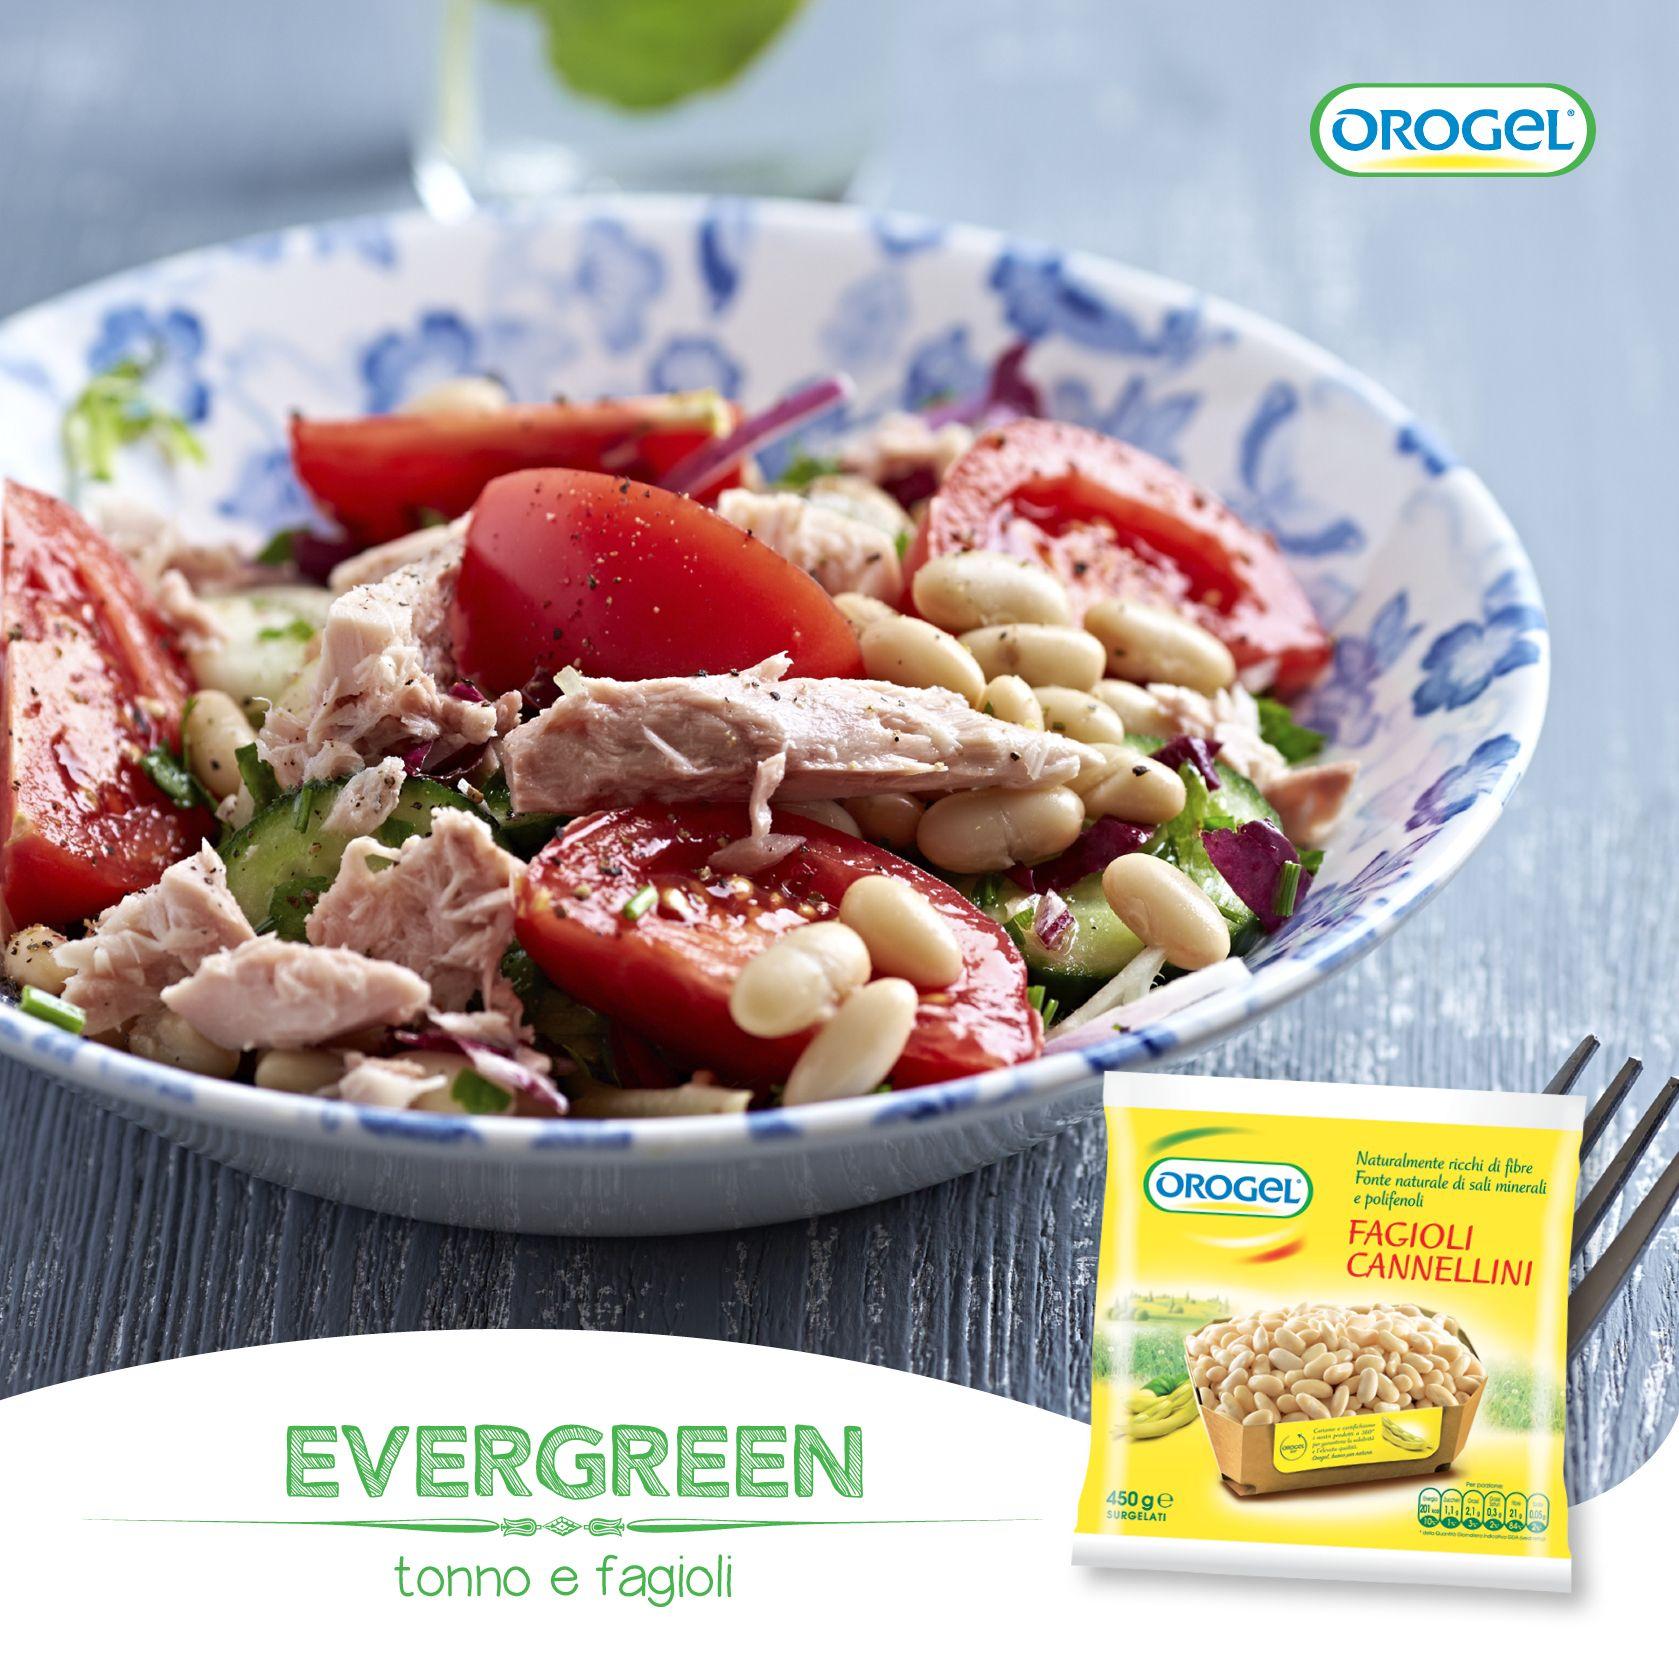 Un evergreen che risolve il pranzo: una bella insalata con tonno, pomodori e fagioli cannellini!